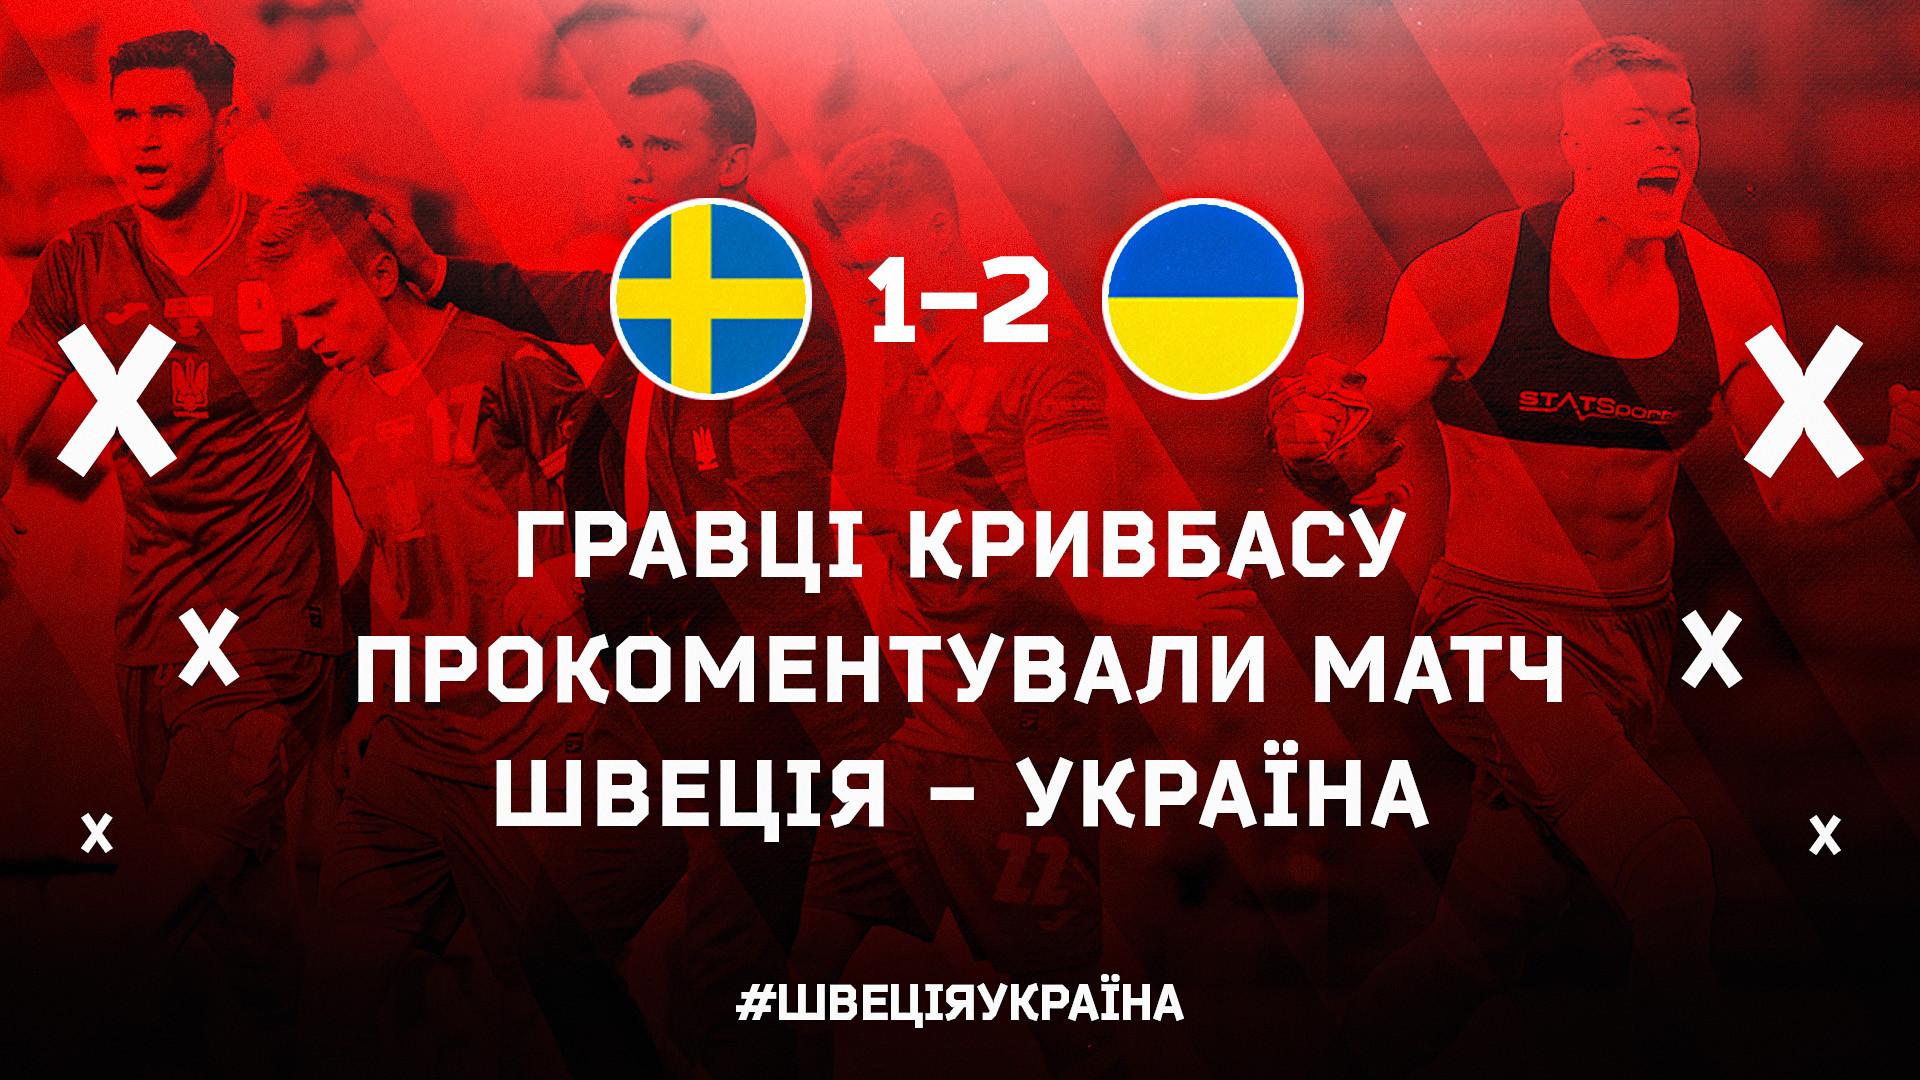 """Швеція - Україна: гравці """"Кривбасу"""" прокоментували матч}"""